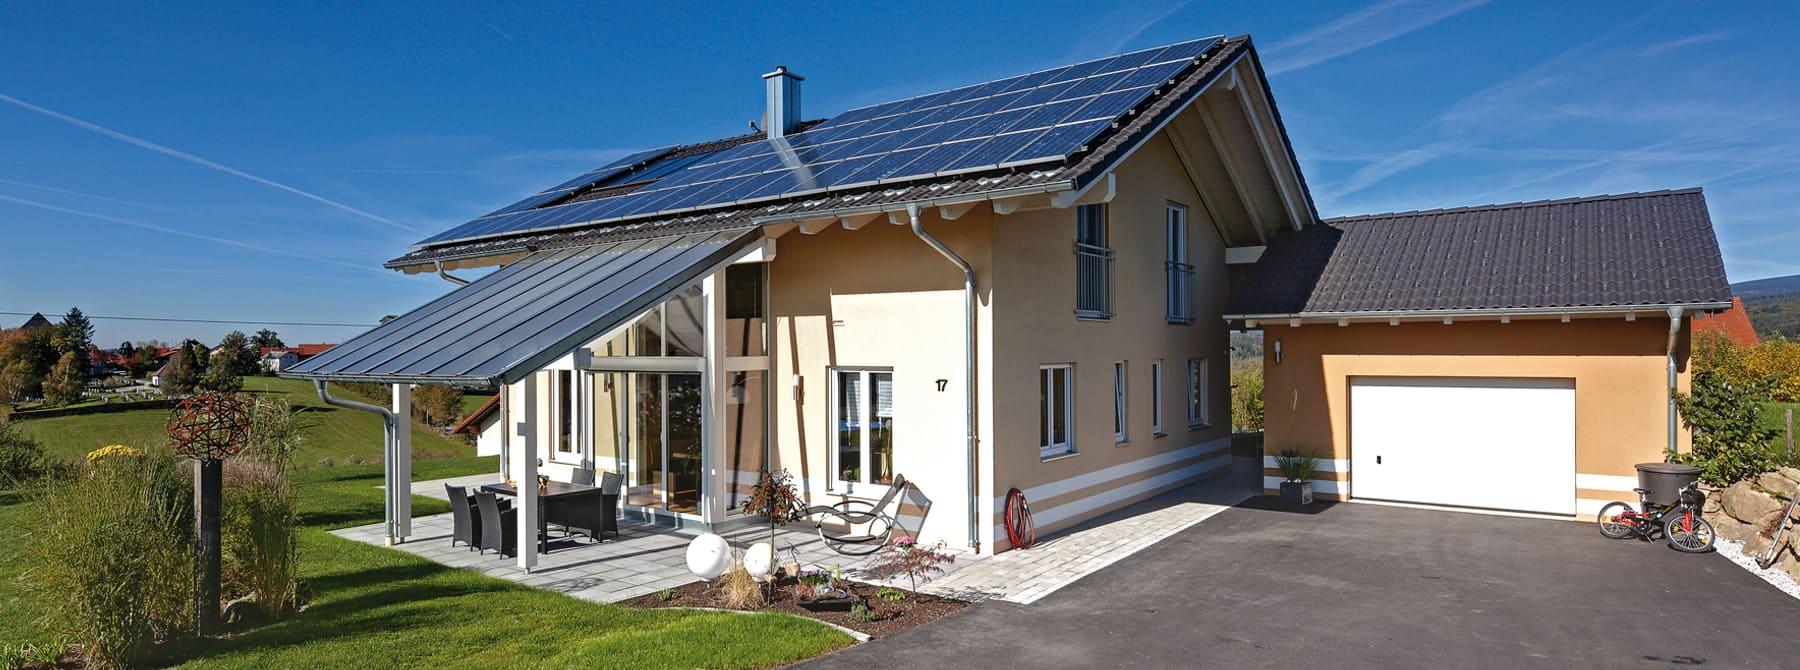 ^ Wohngesunde Holzhäuser im eleganten Stil - Sonnleitner.de - Bauen ...